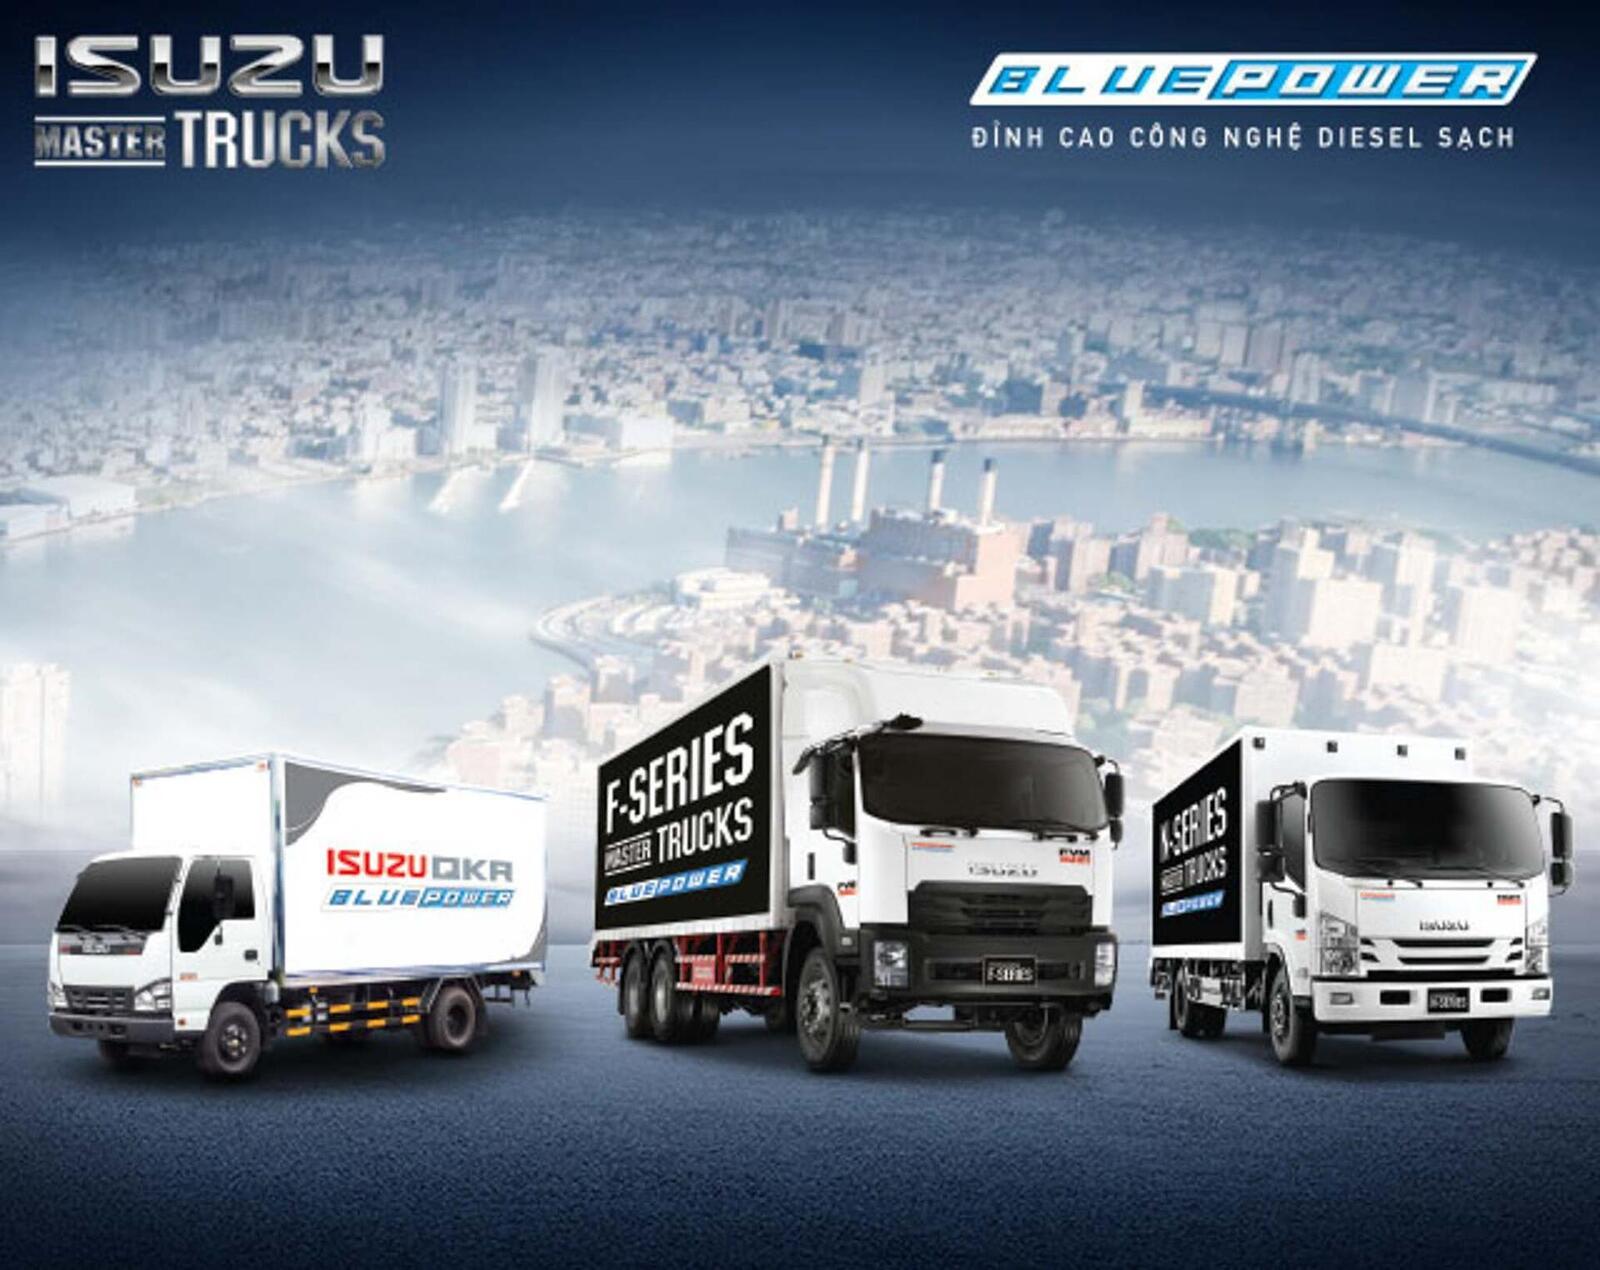 Nhìn lại một năm đáng nhớ của thế hệ xe tải Isuzu mới - Hình 2